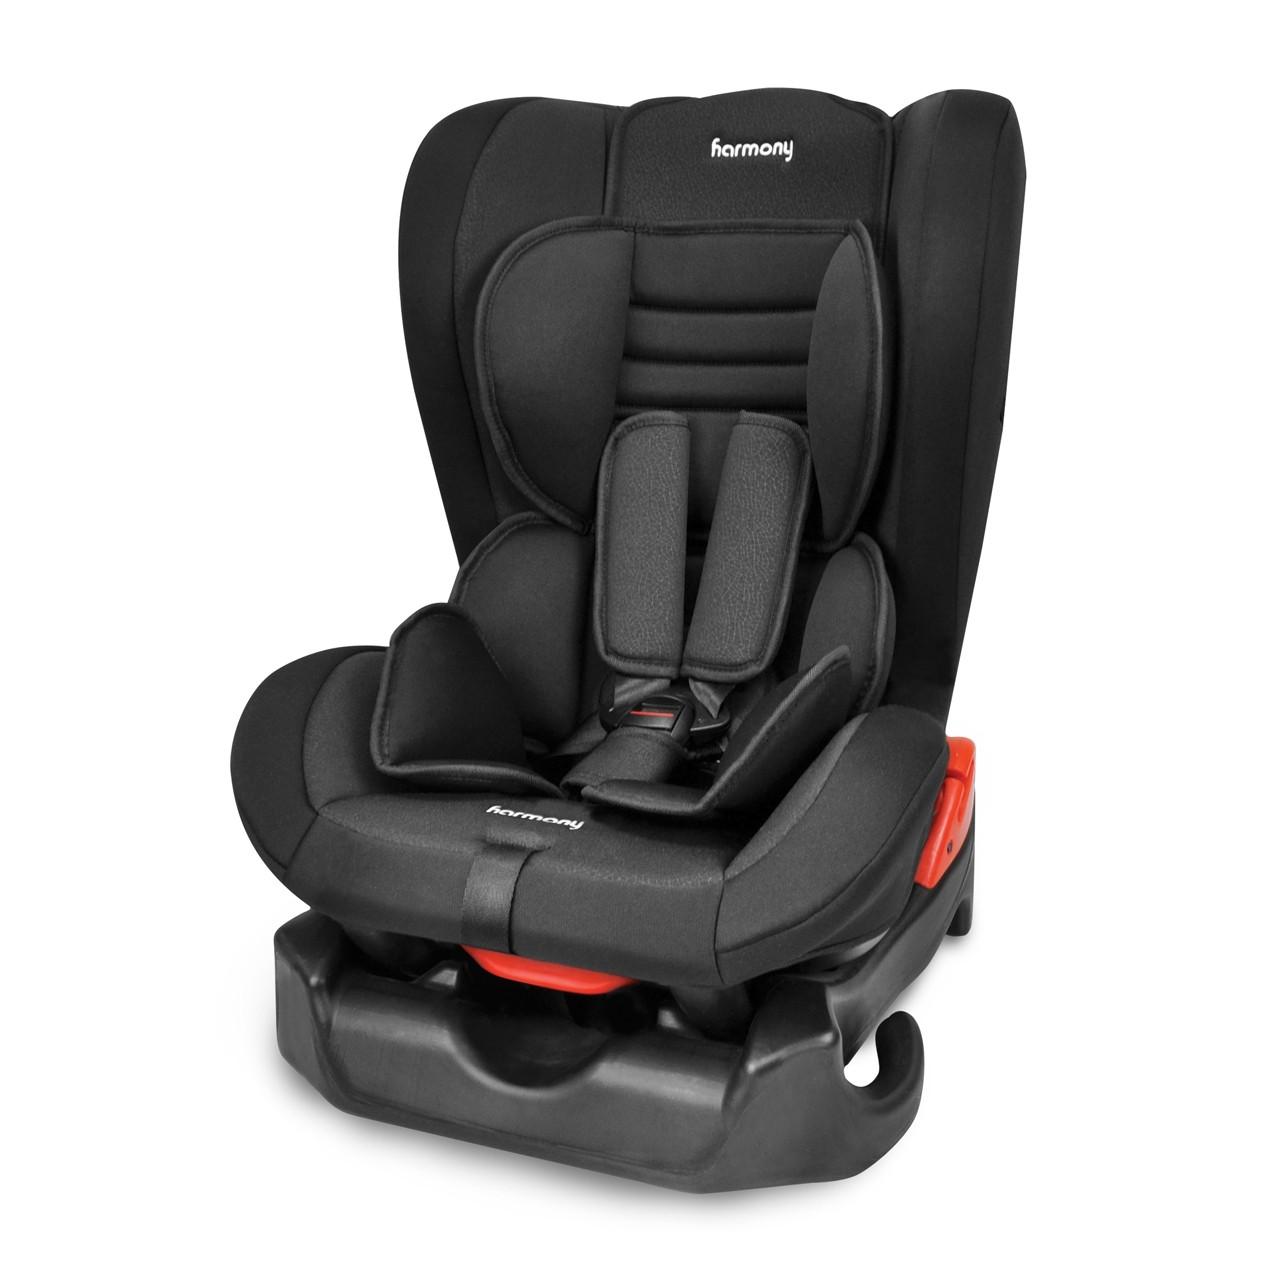 Merydian 2-in-1 Convertible Car Seat